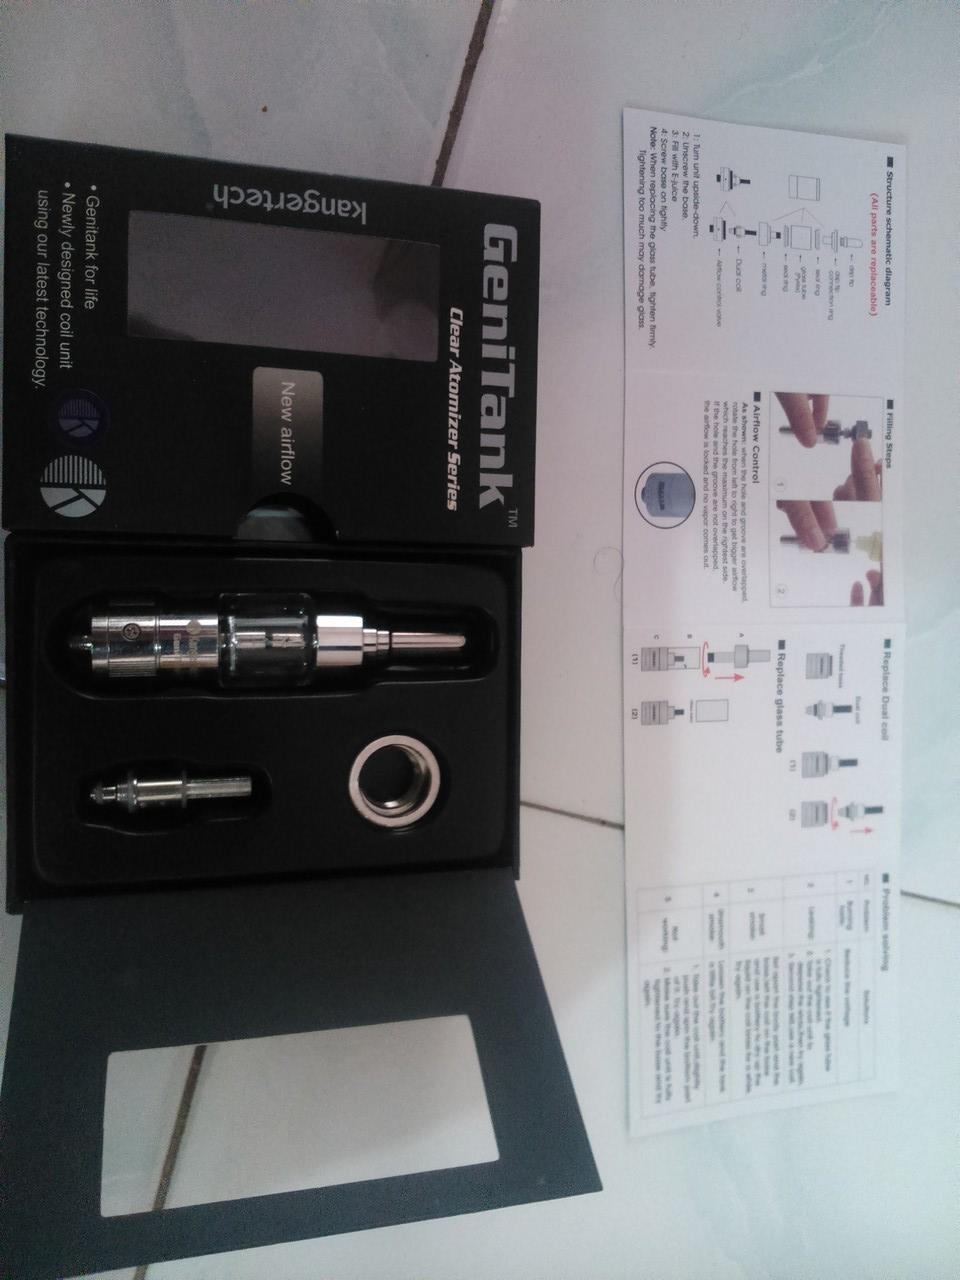 VAPORIZER Clover vv 2650 mAh 3.3v - 4.8v + kangertech genitank with airflow FULLSET